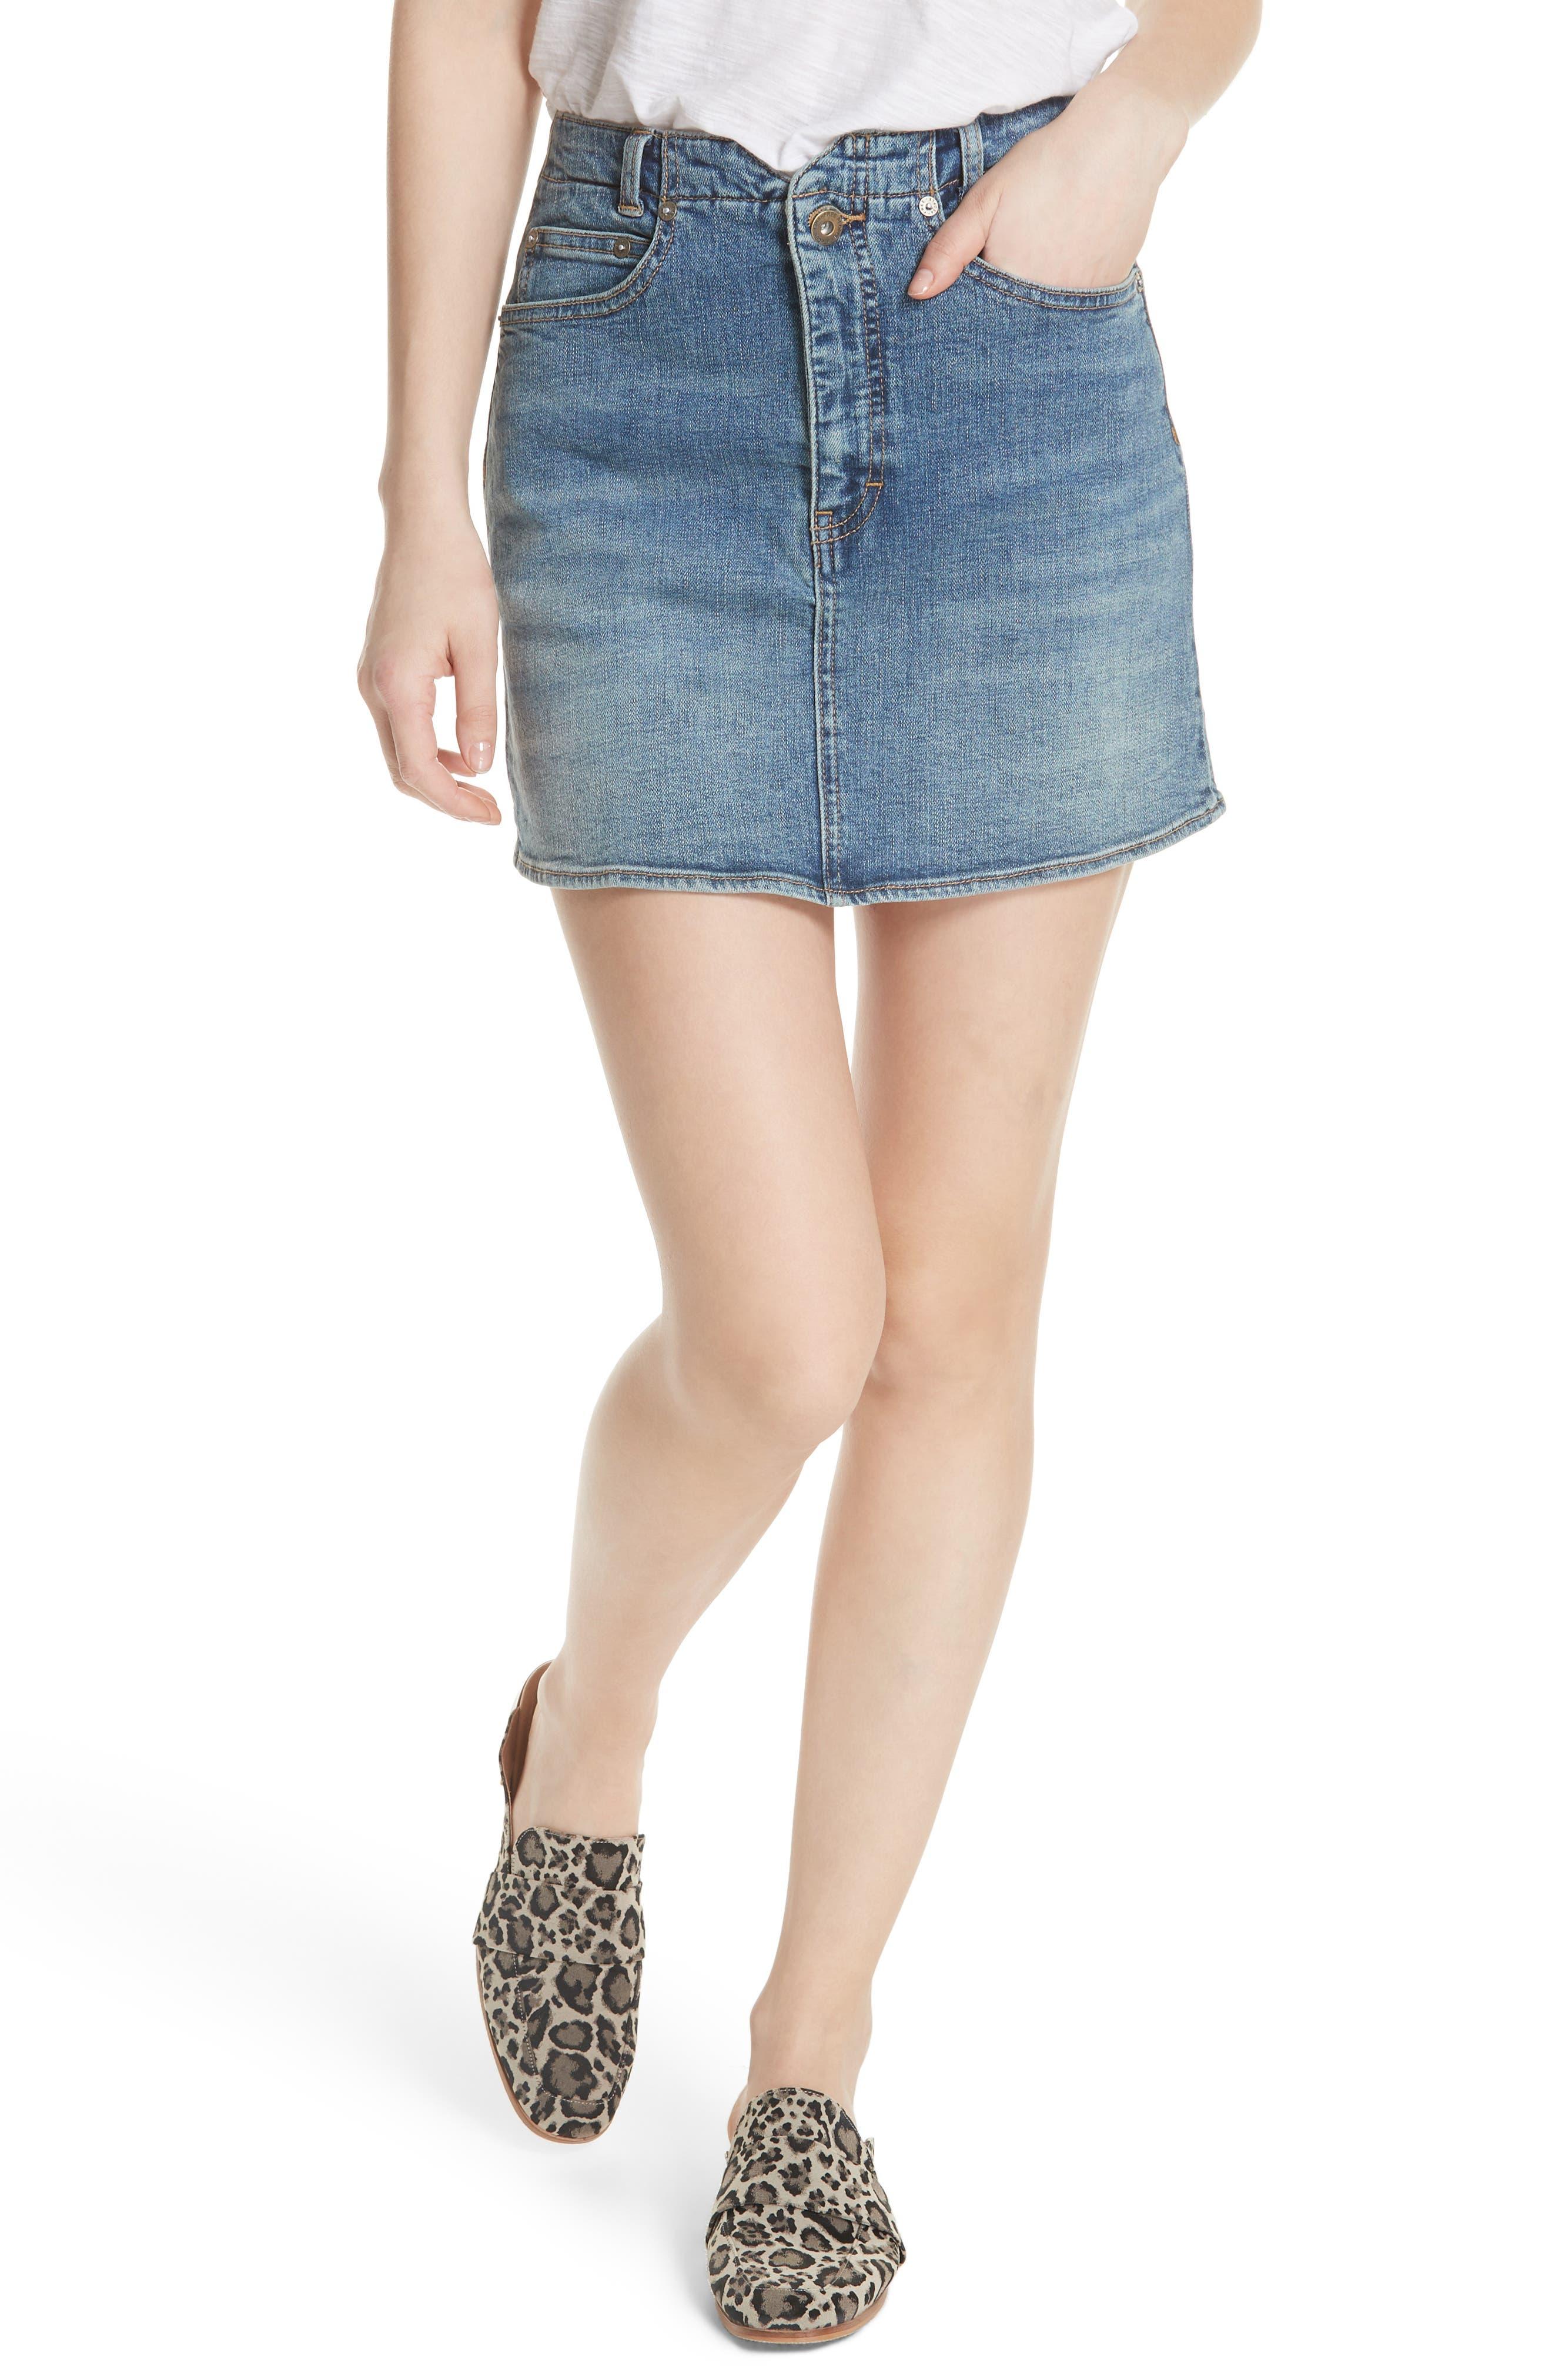 She's All That Denim Miniskirt,                         Main,                         color, DENIM BLUE